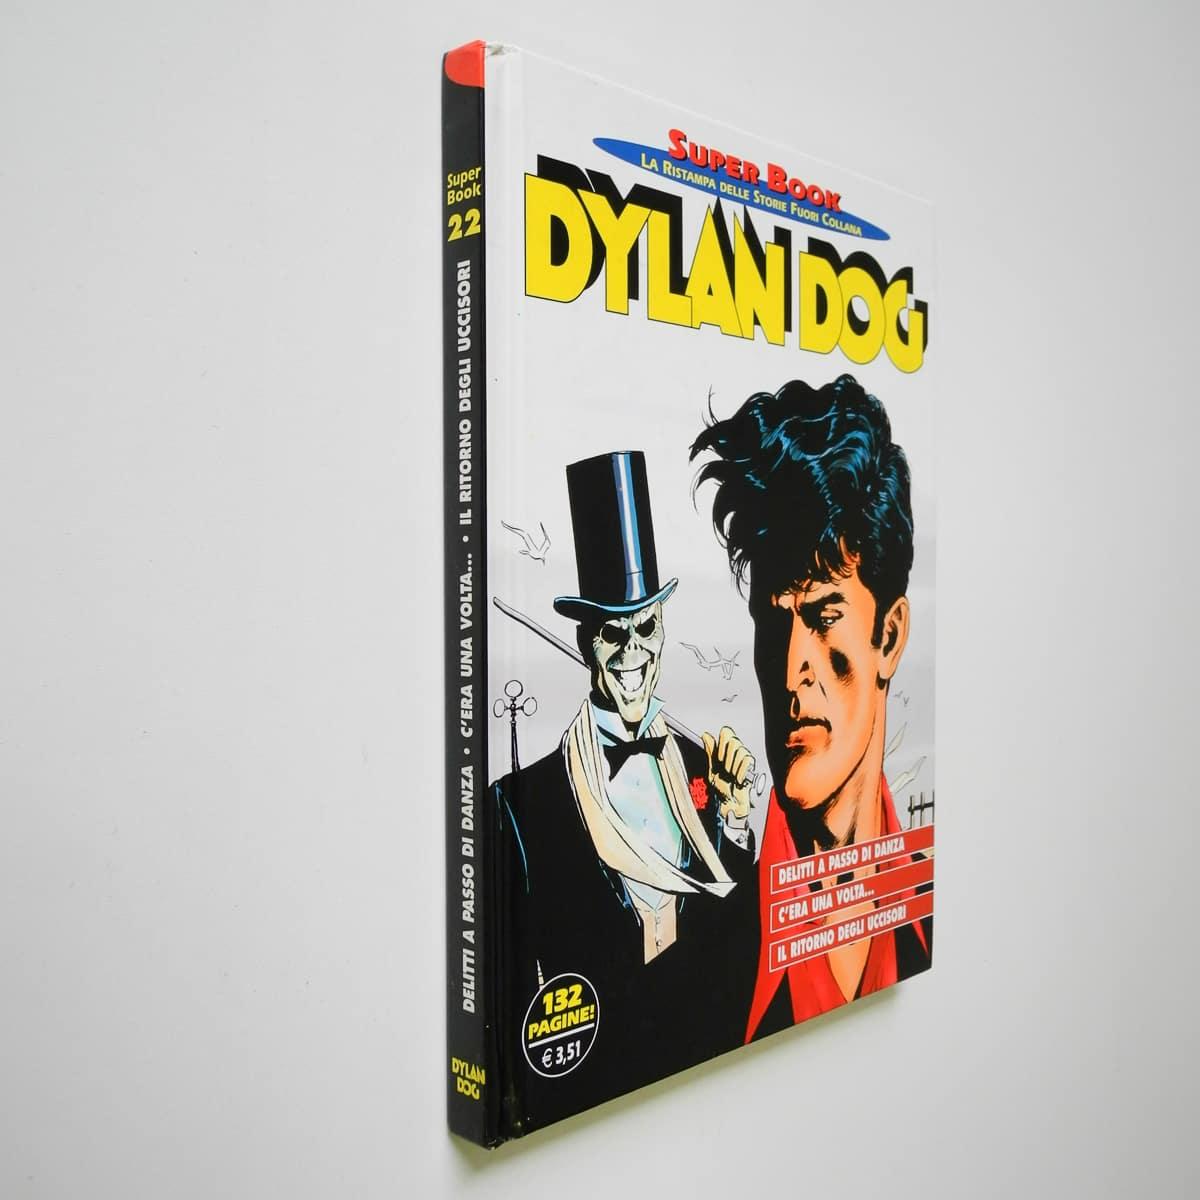 Dylan Dog Super Book n. 22 Bonelli